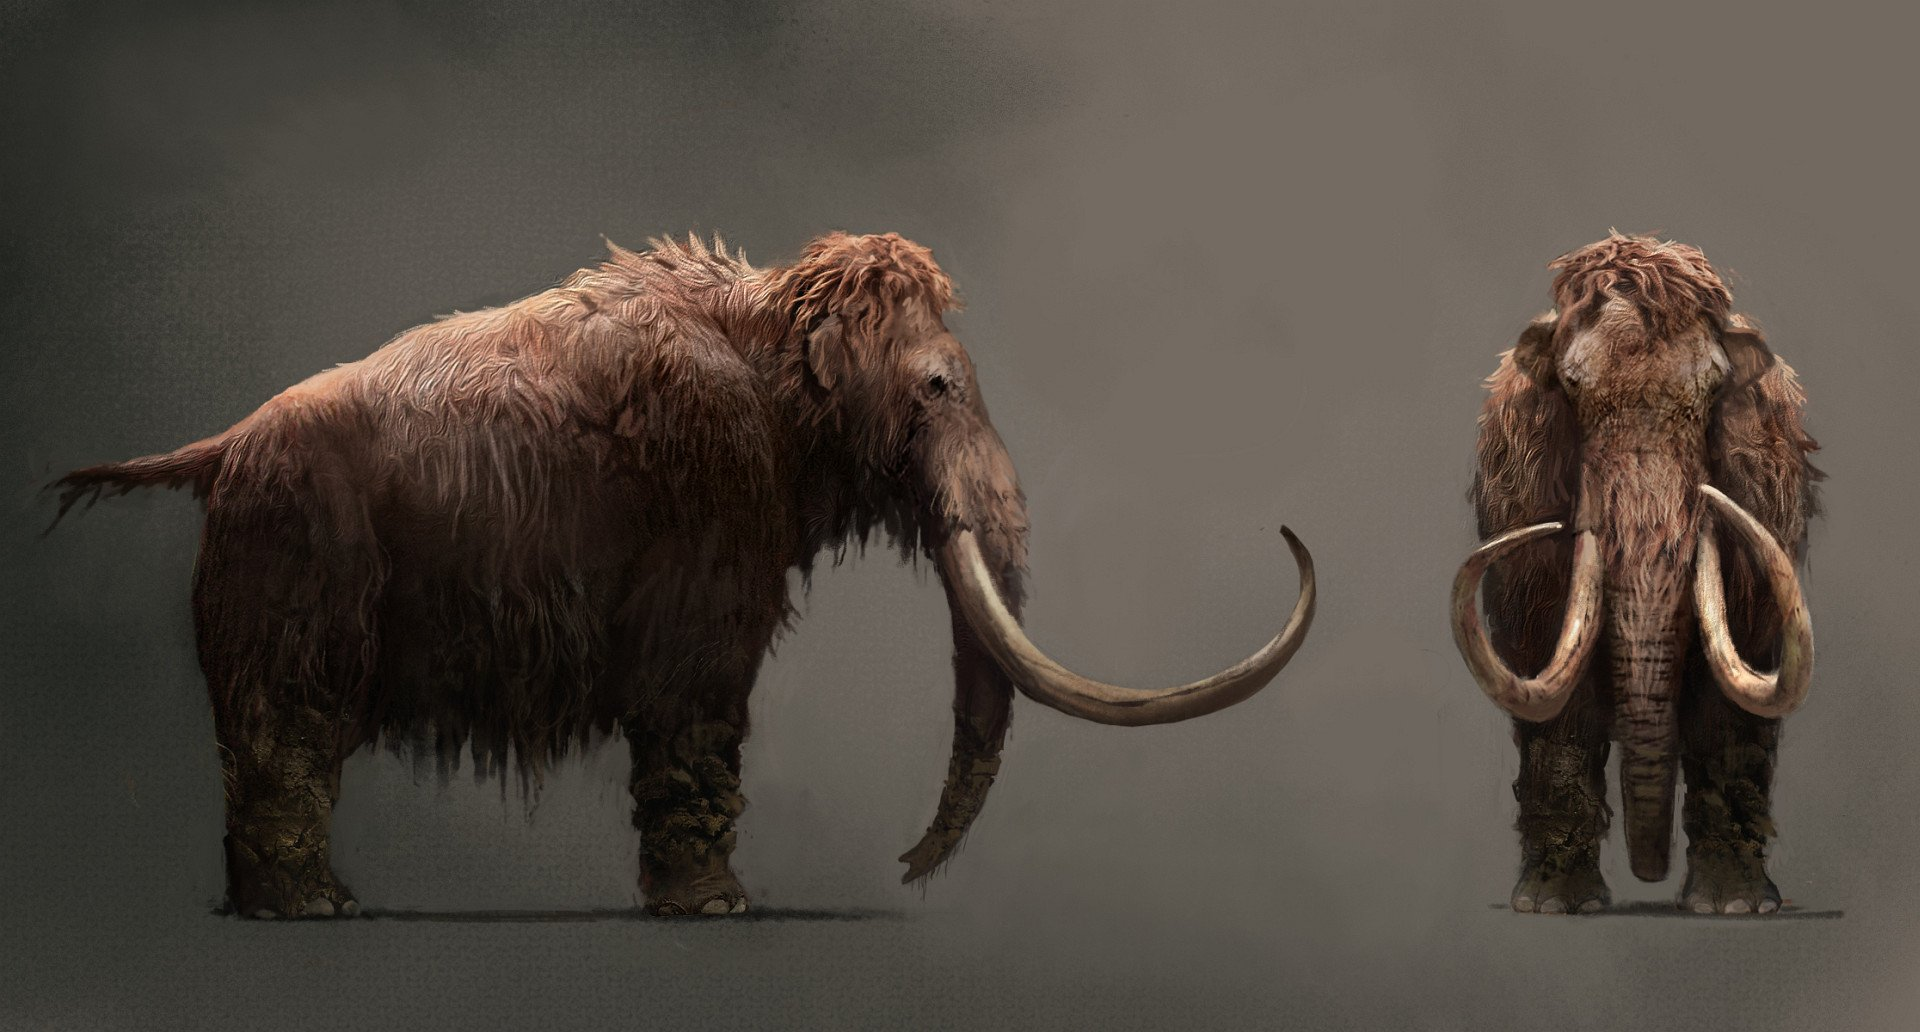 Ubisoft anticipa el anuncio de una aventura de supervivencia en un mundo prehistórico Far_cry_primal-3208372